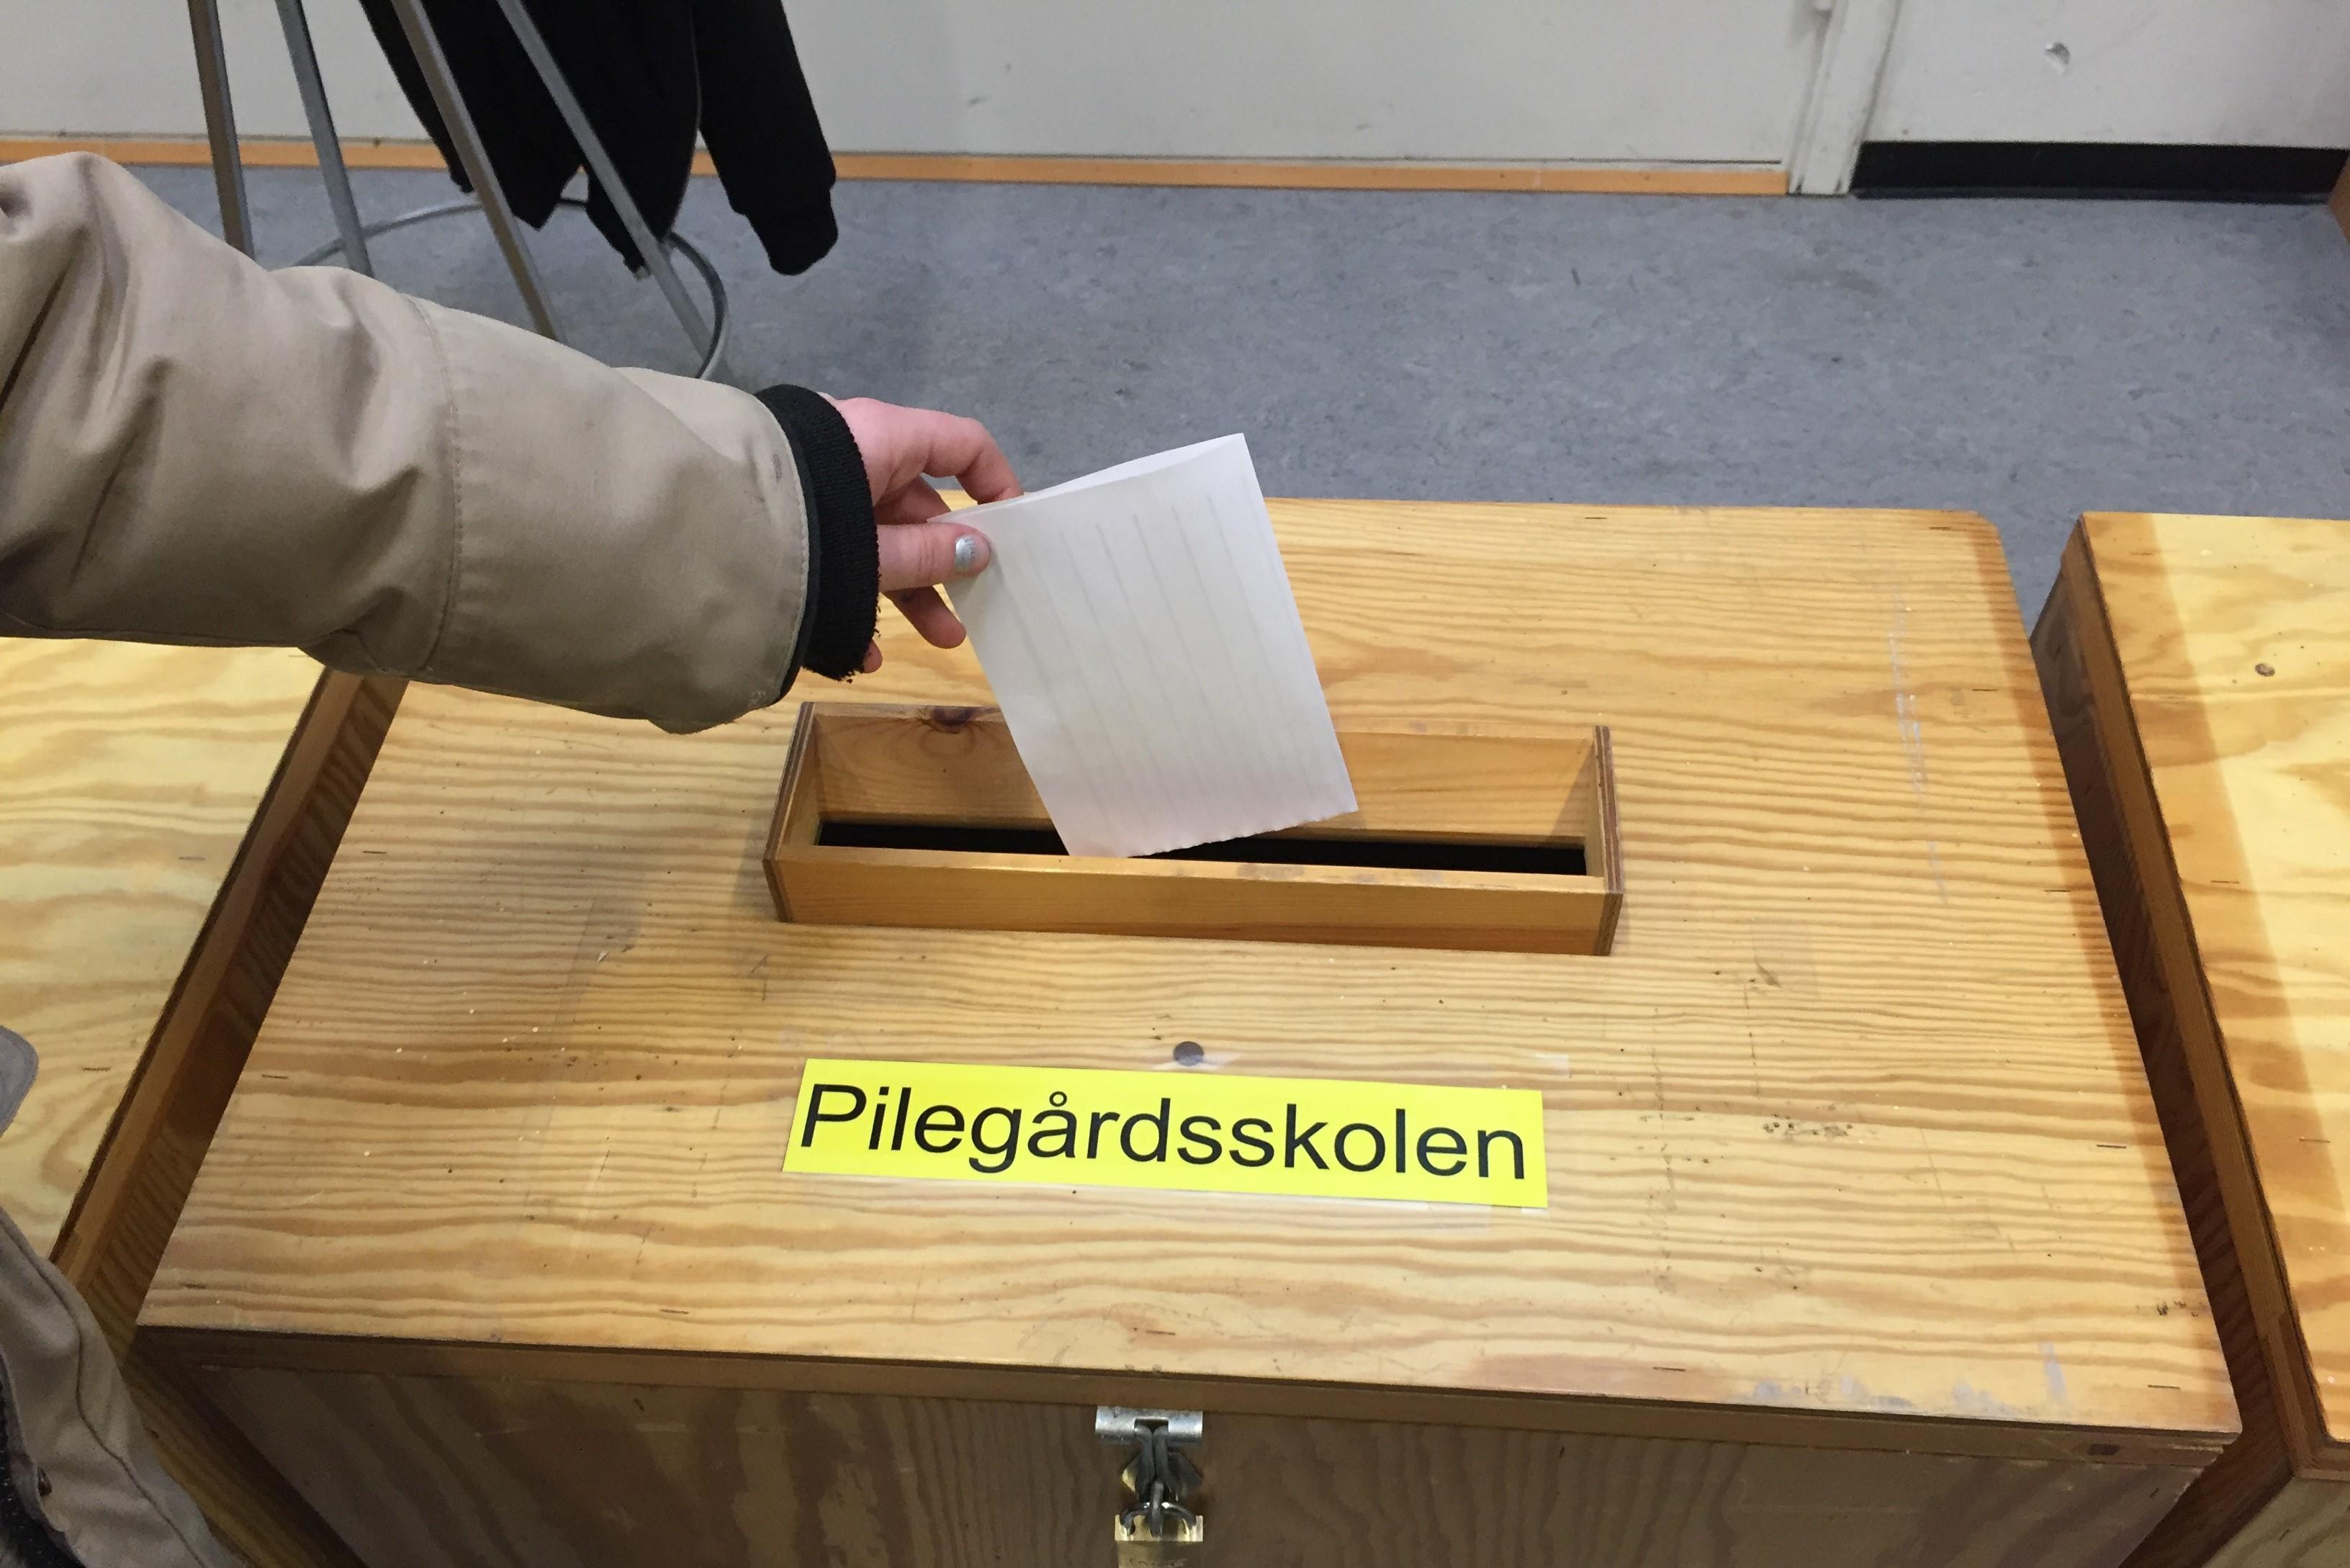 Skolevalg 2017 på Pilegårdsskolen